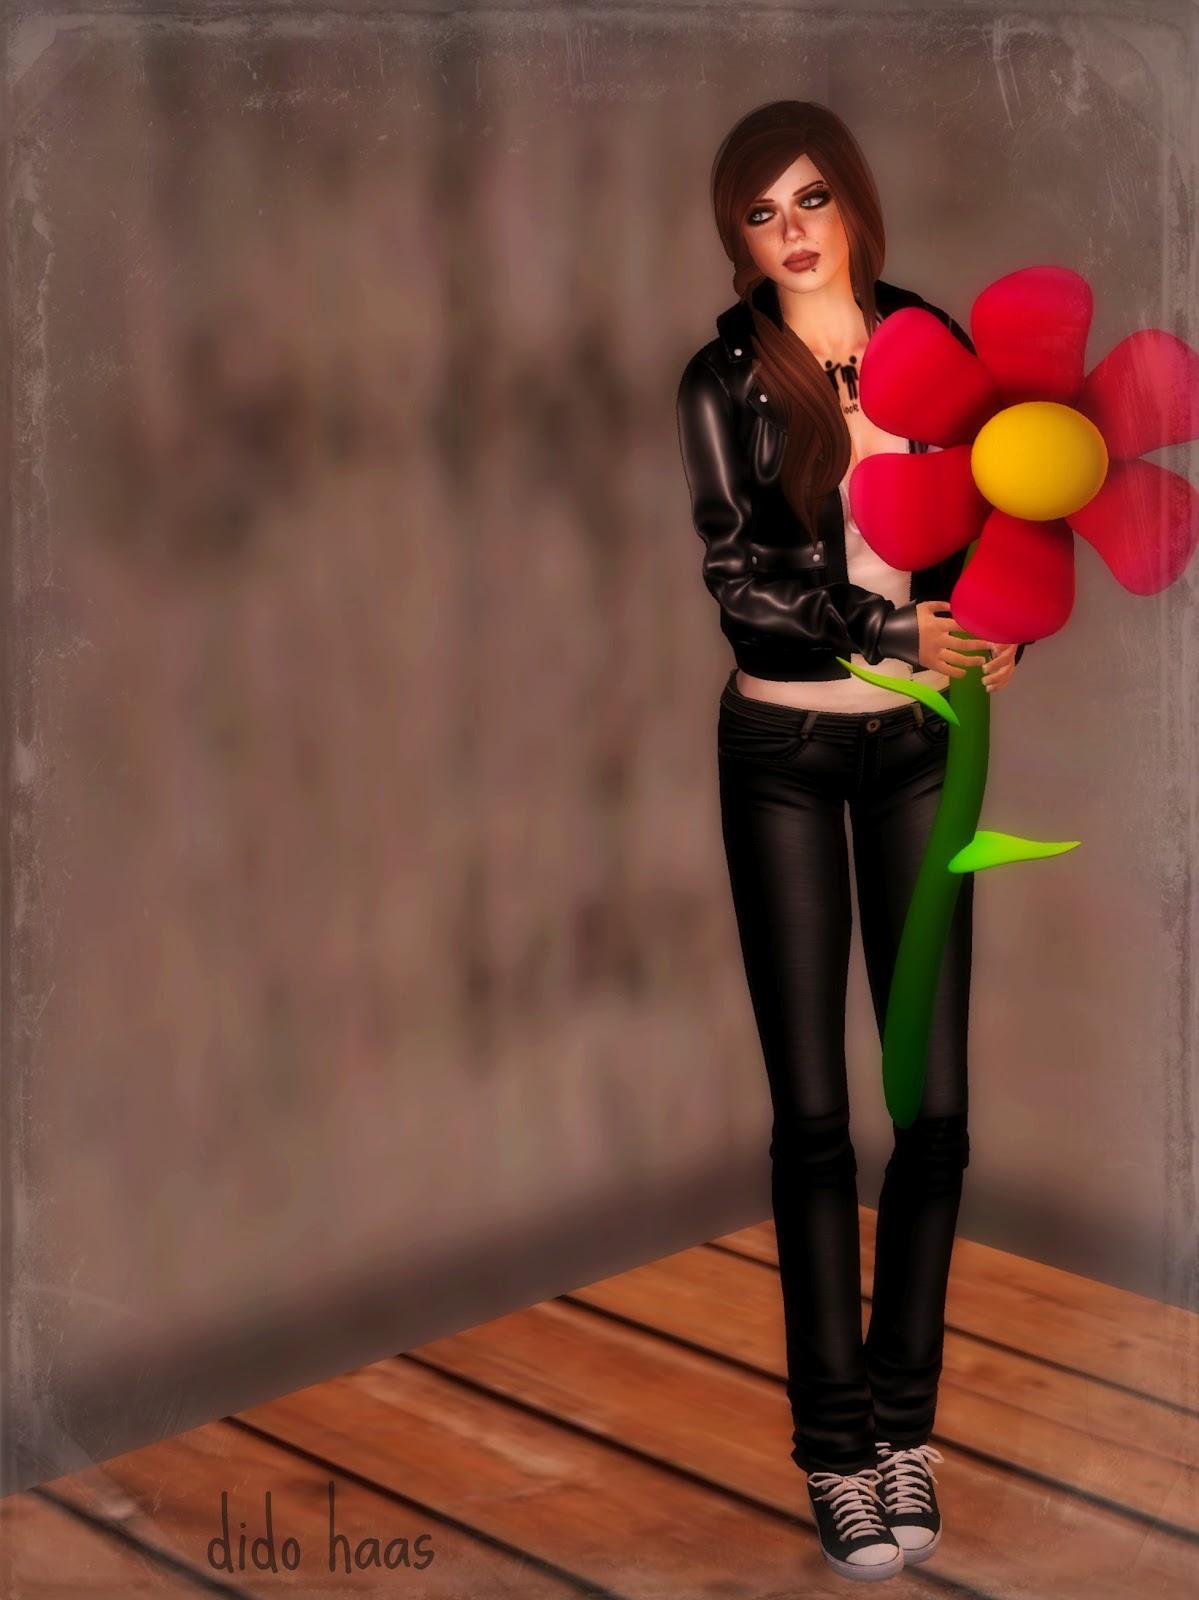 http://4.bp.blogspot.com/-s1xKUOGgkJQ/T8_MPzdkaRI/AAAAAAAAGnM/Il2A8fgaONU/s1600/flower.jpg